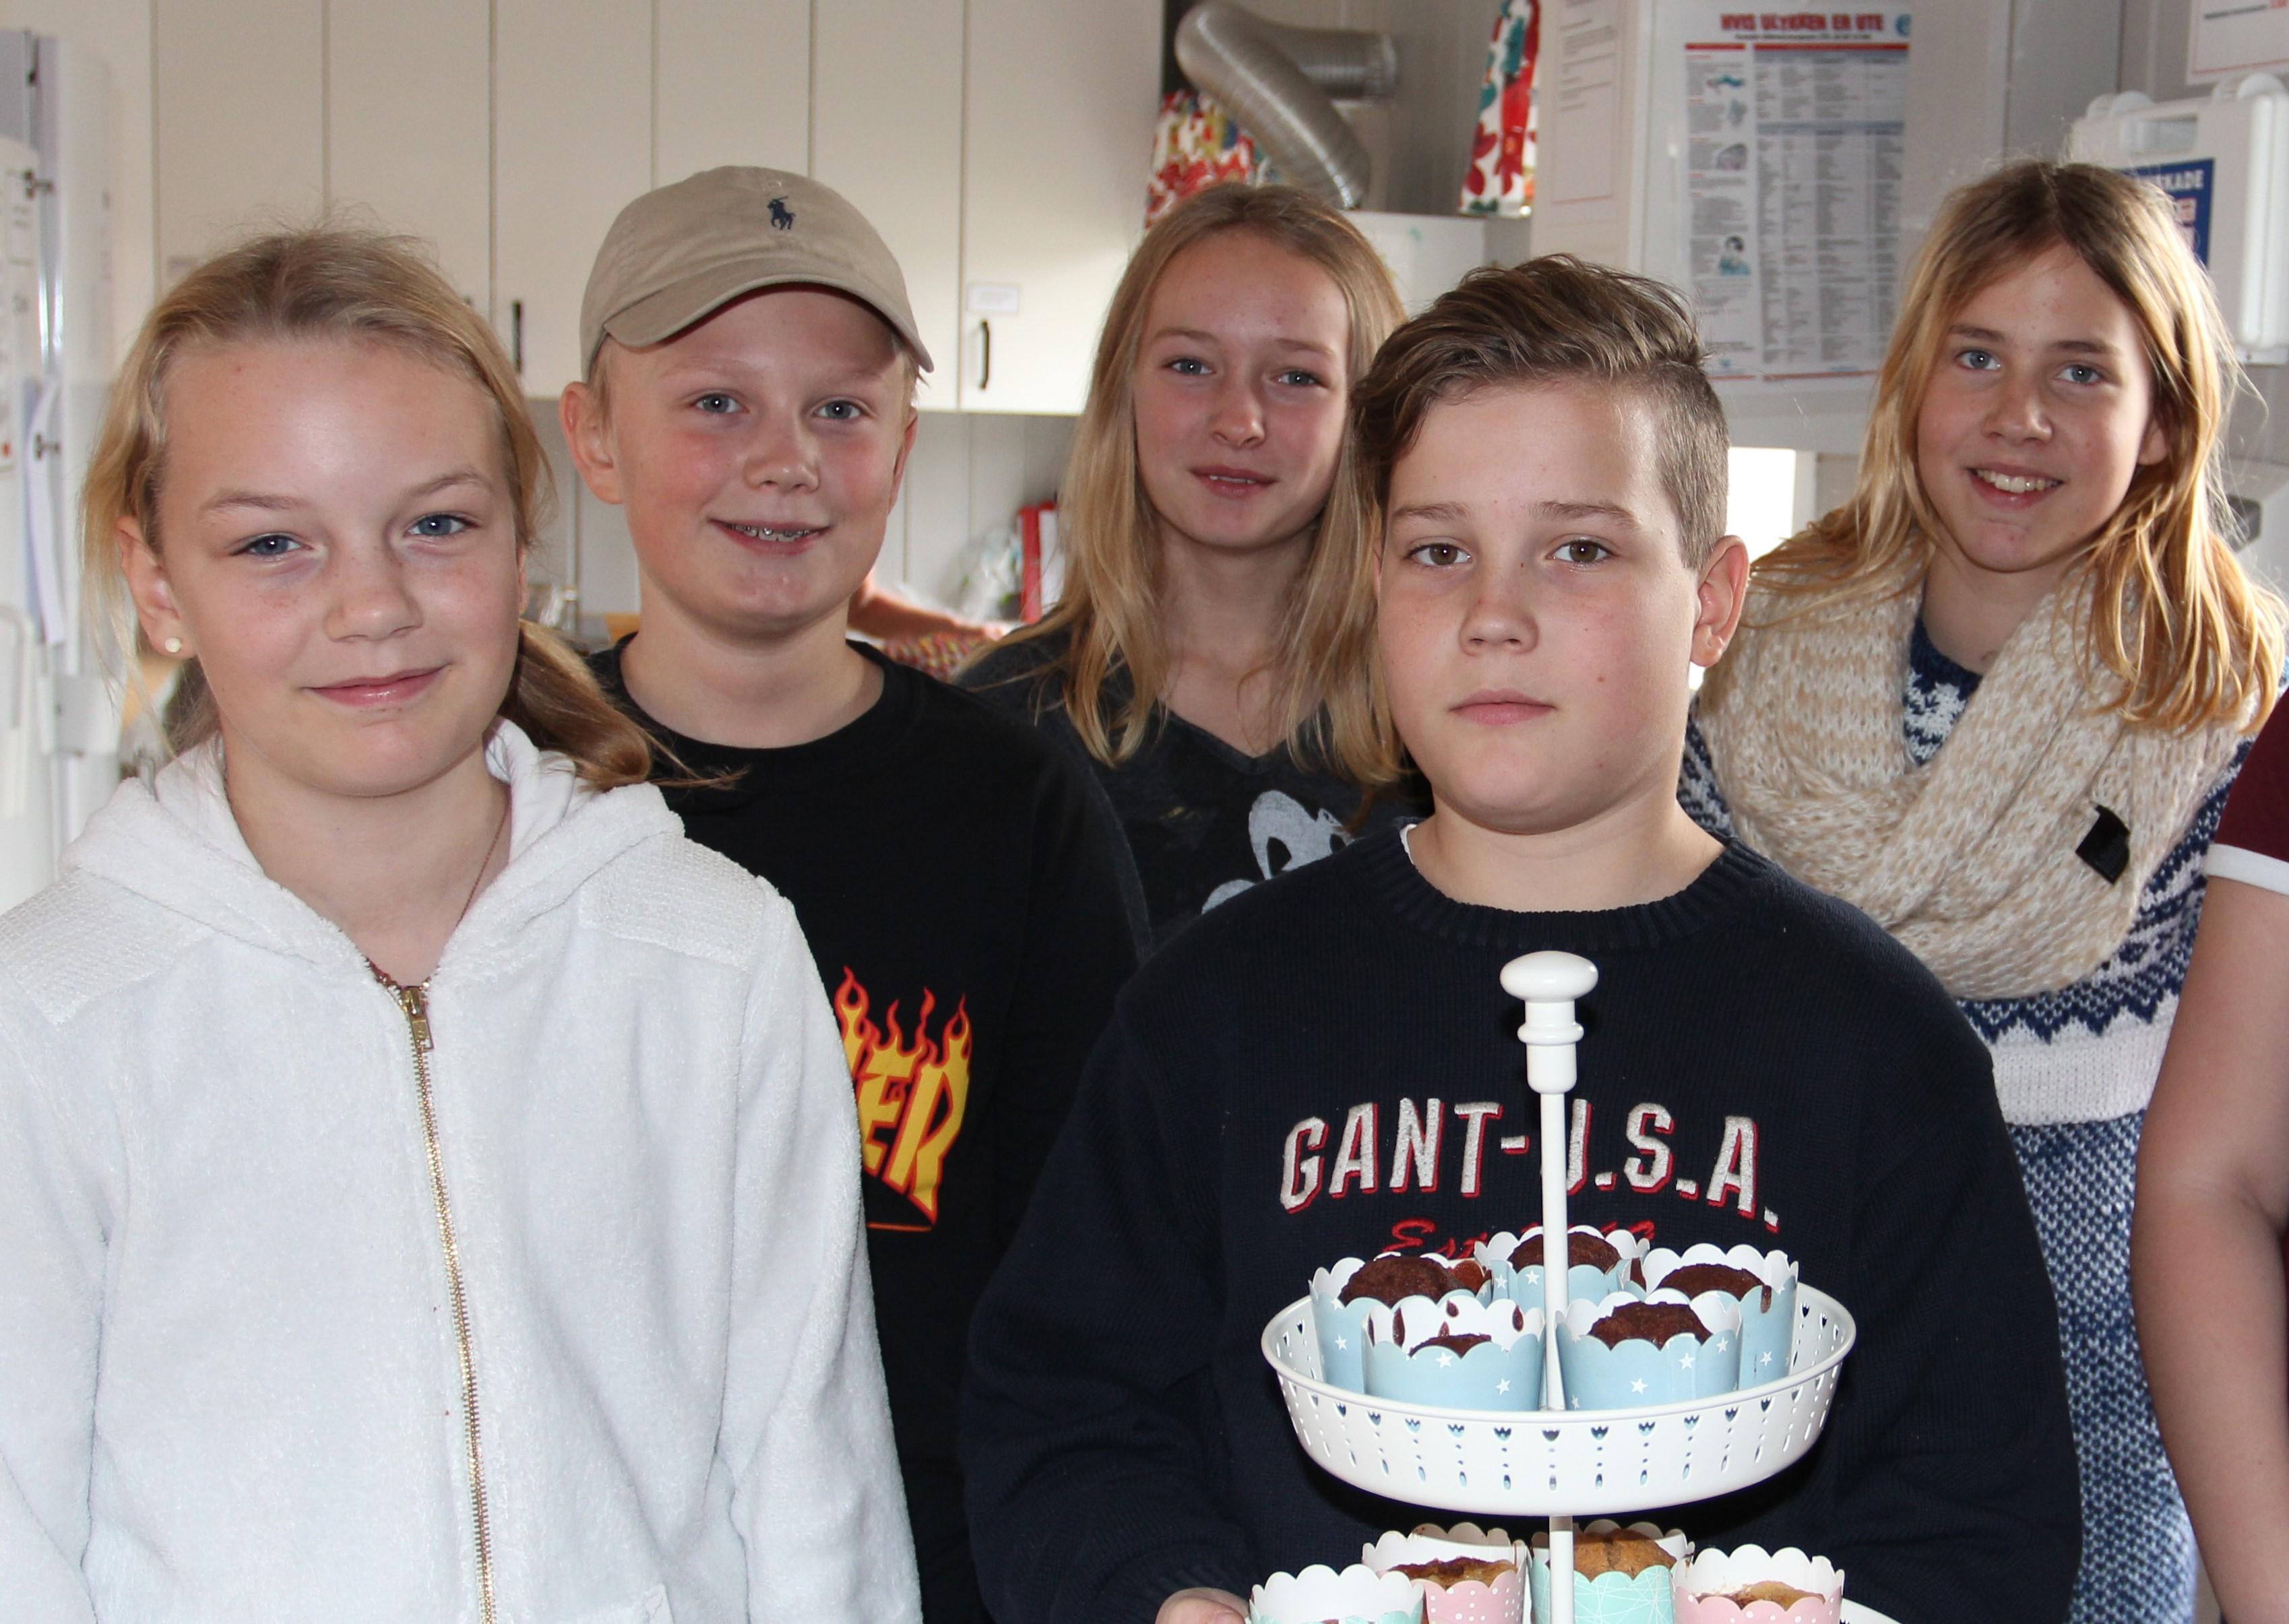 Syvende klassetrinn ga hele café omsetningen etter Åpen dag til Unicef. Fra venstre Marthe Sørli, Andreas Gundahl, Yrja Walter, Max Stensen Schulze og Caroline Karlsen.